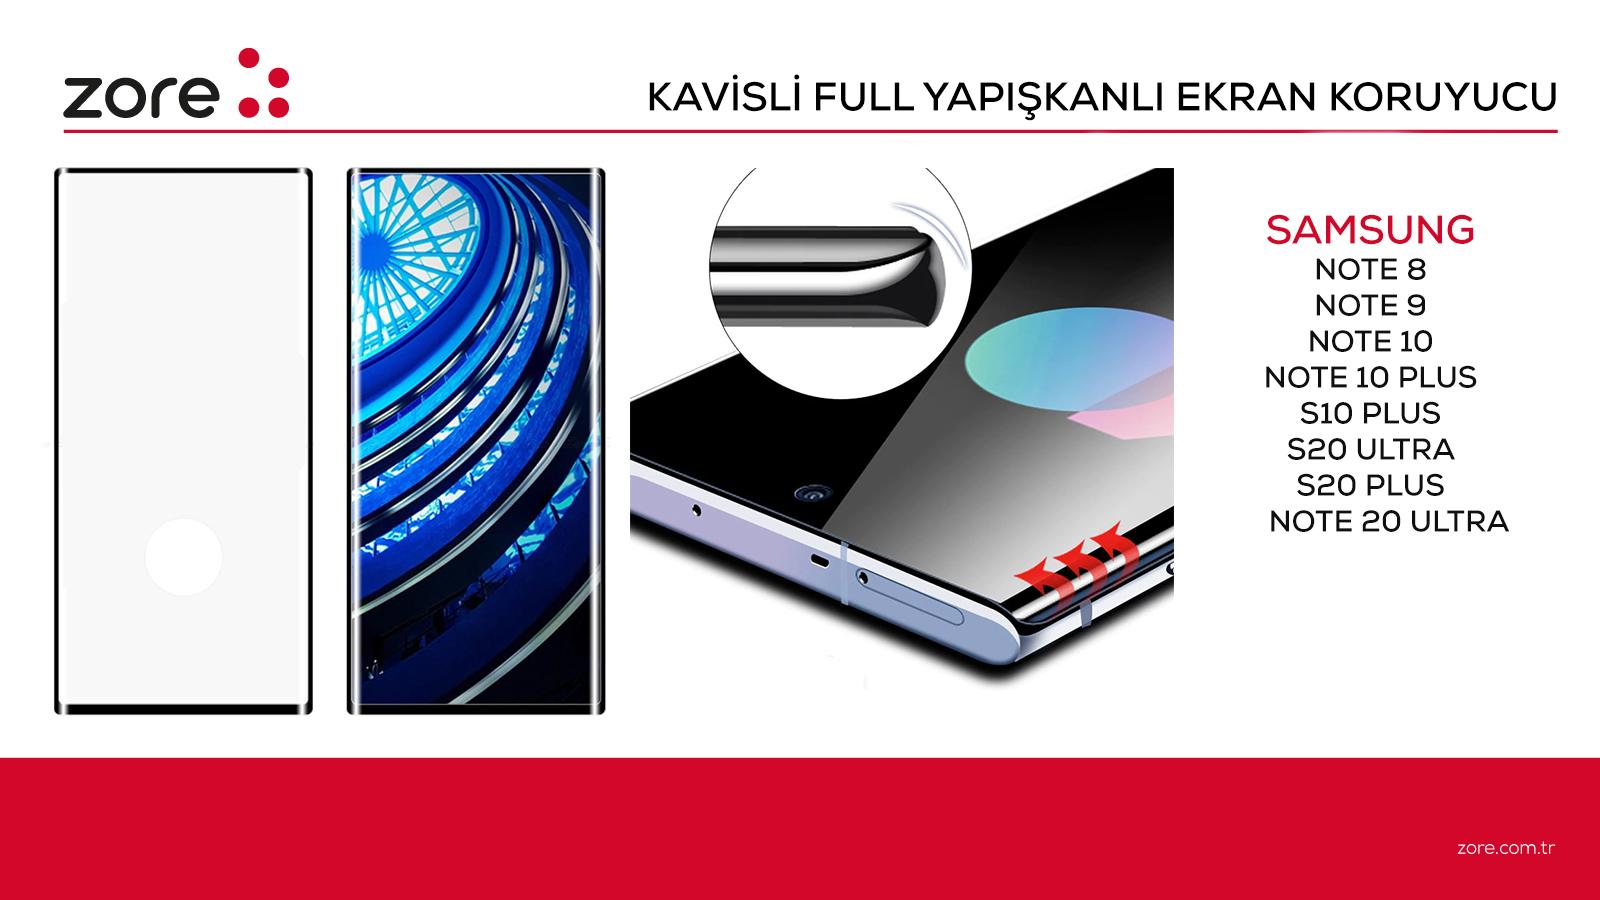 KAVİSLİ FULL YAPIŞKANLI CAM.jpg (459 KB)